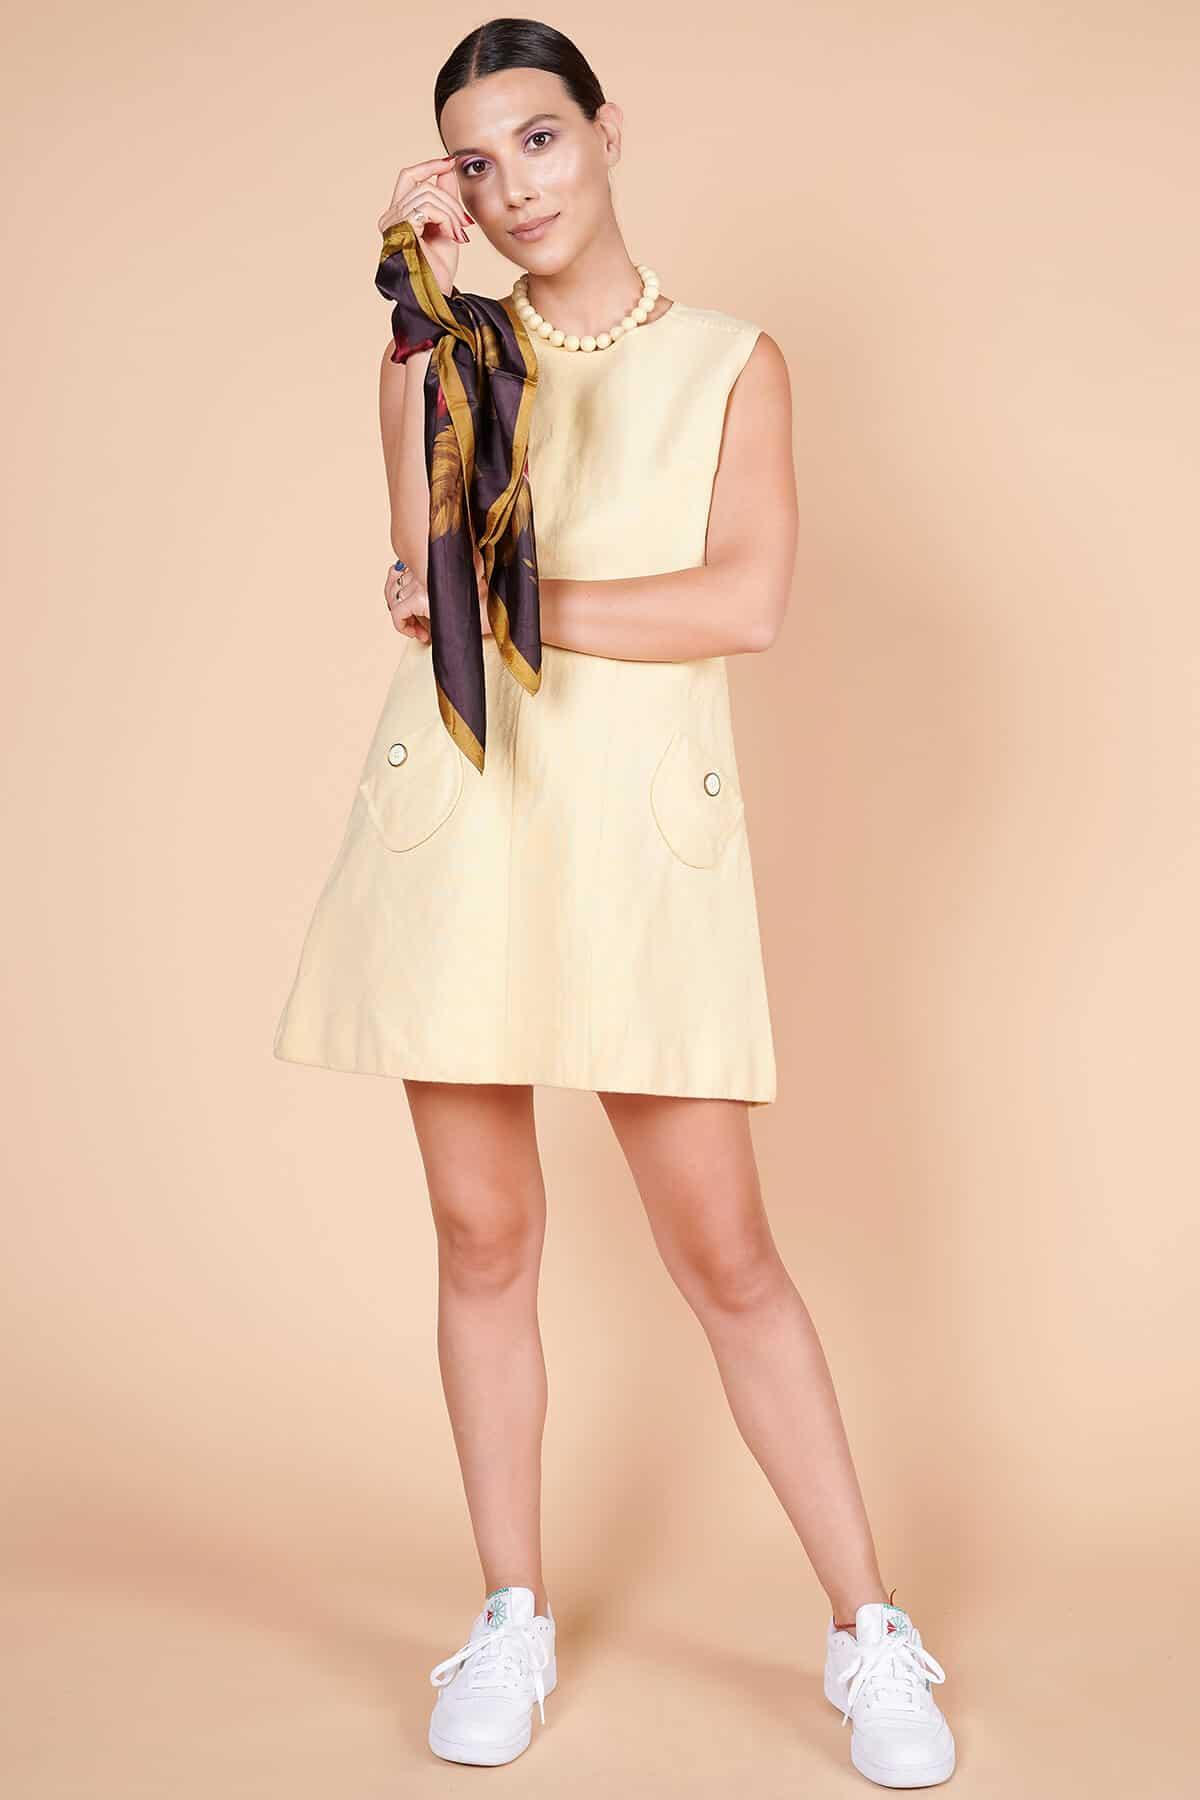 60lar minimal açık saman sarısı mini elbise